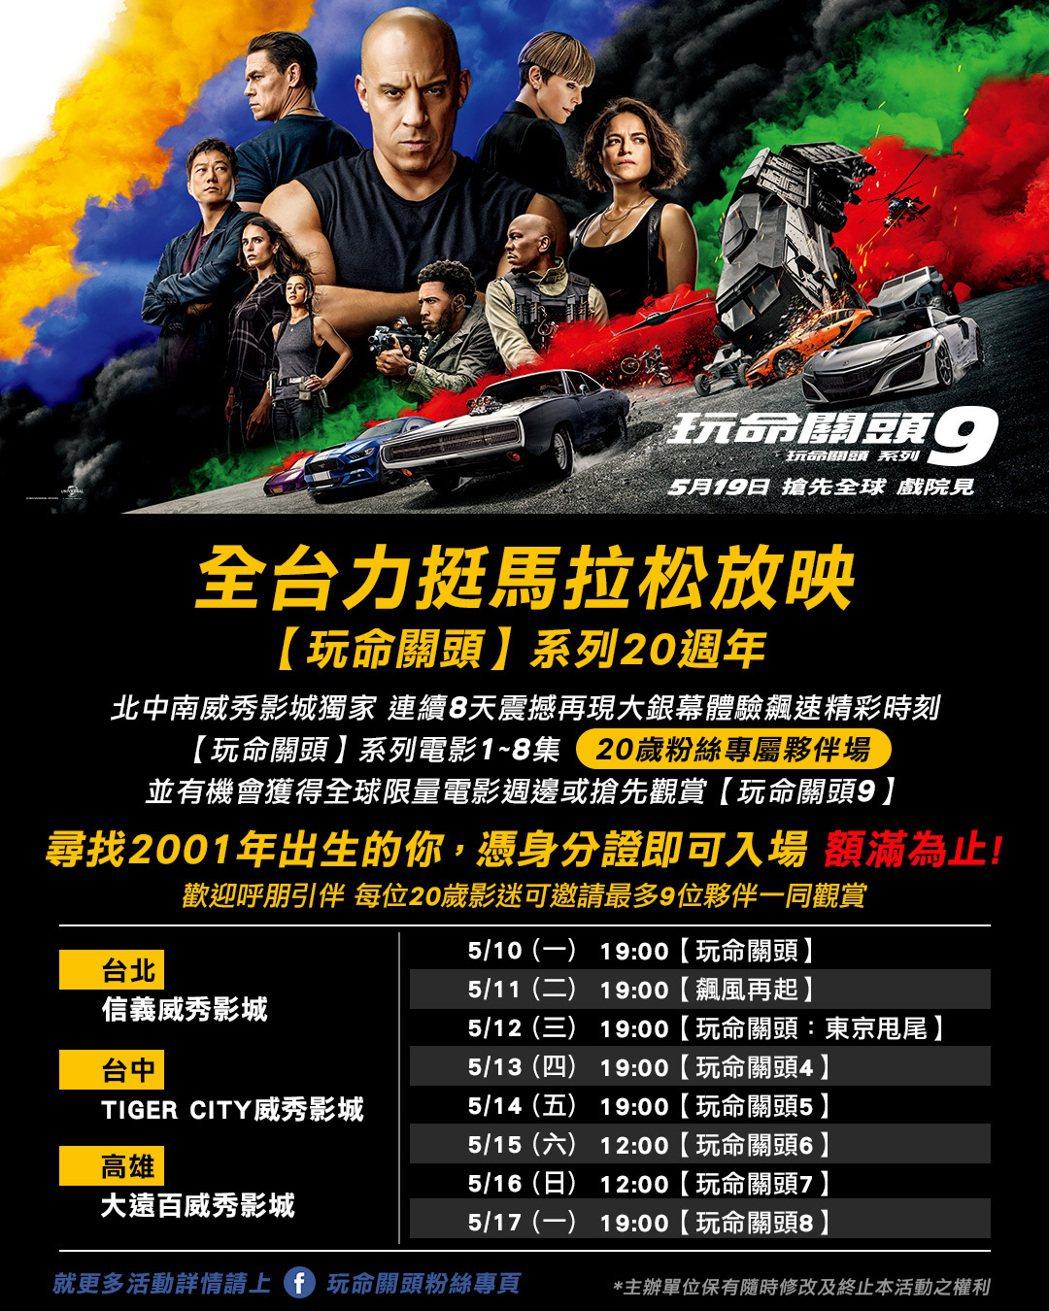 「玩命關頭」系列即將在最新一集上映前舉辦前8集的馬拉松回顧重映。圖/UIP提供